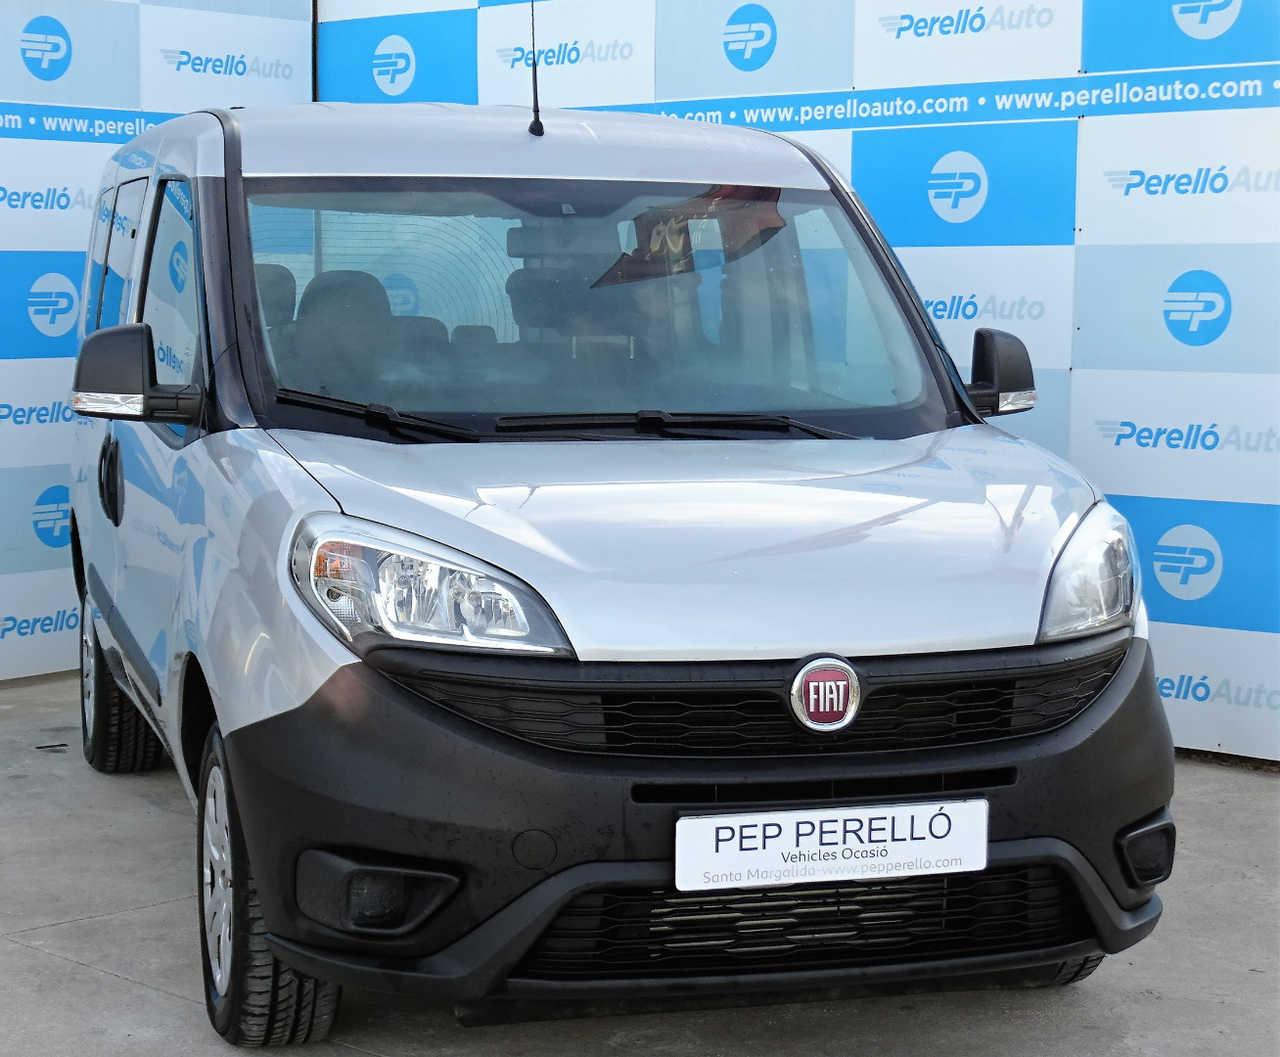 Fiat Doblo 1.3MJET 95CV PANORAMA POP   - Foto 1